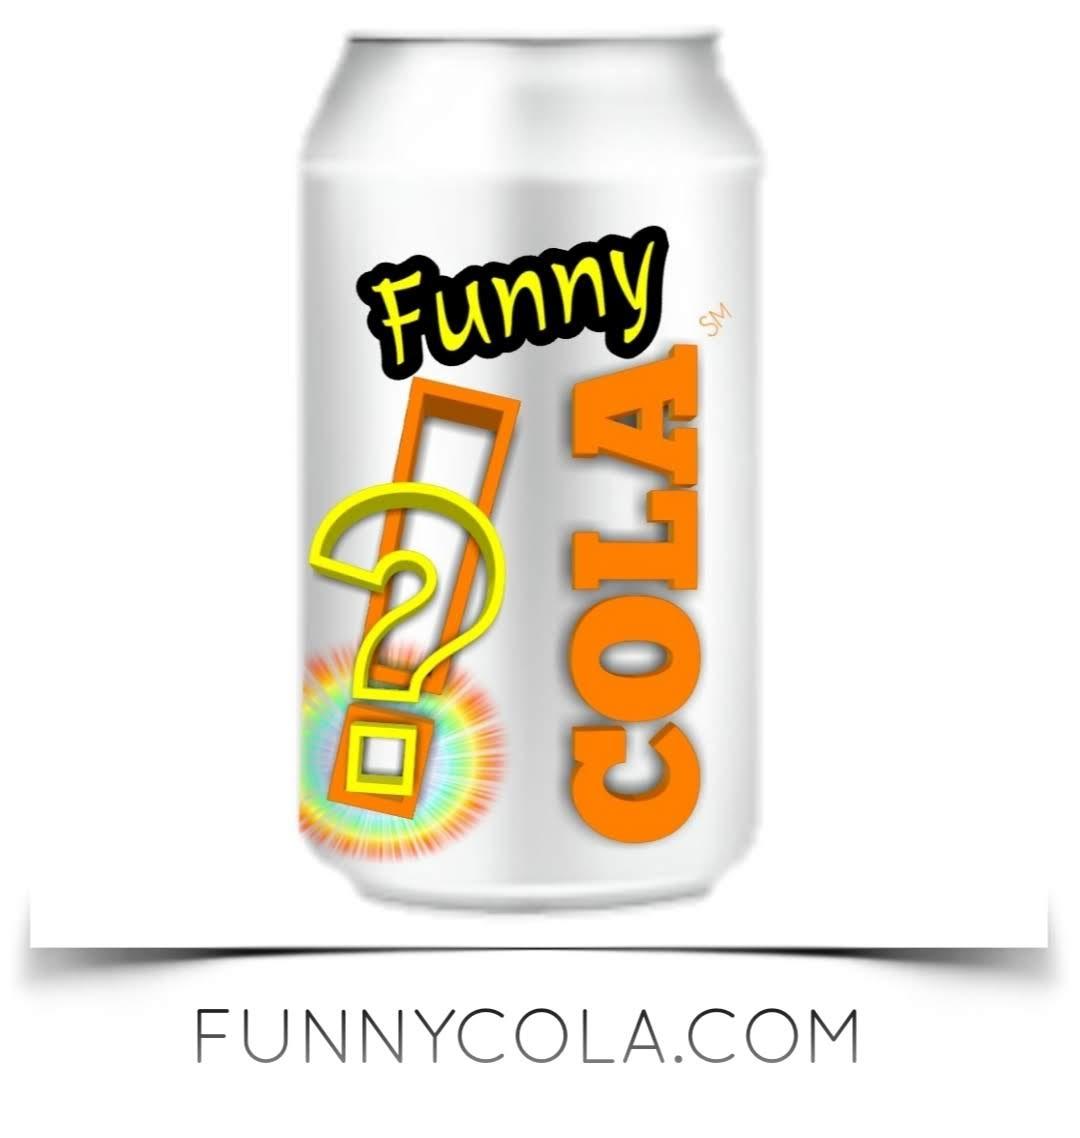 FunnyCola.com